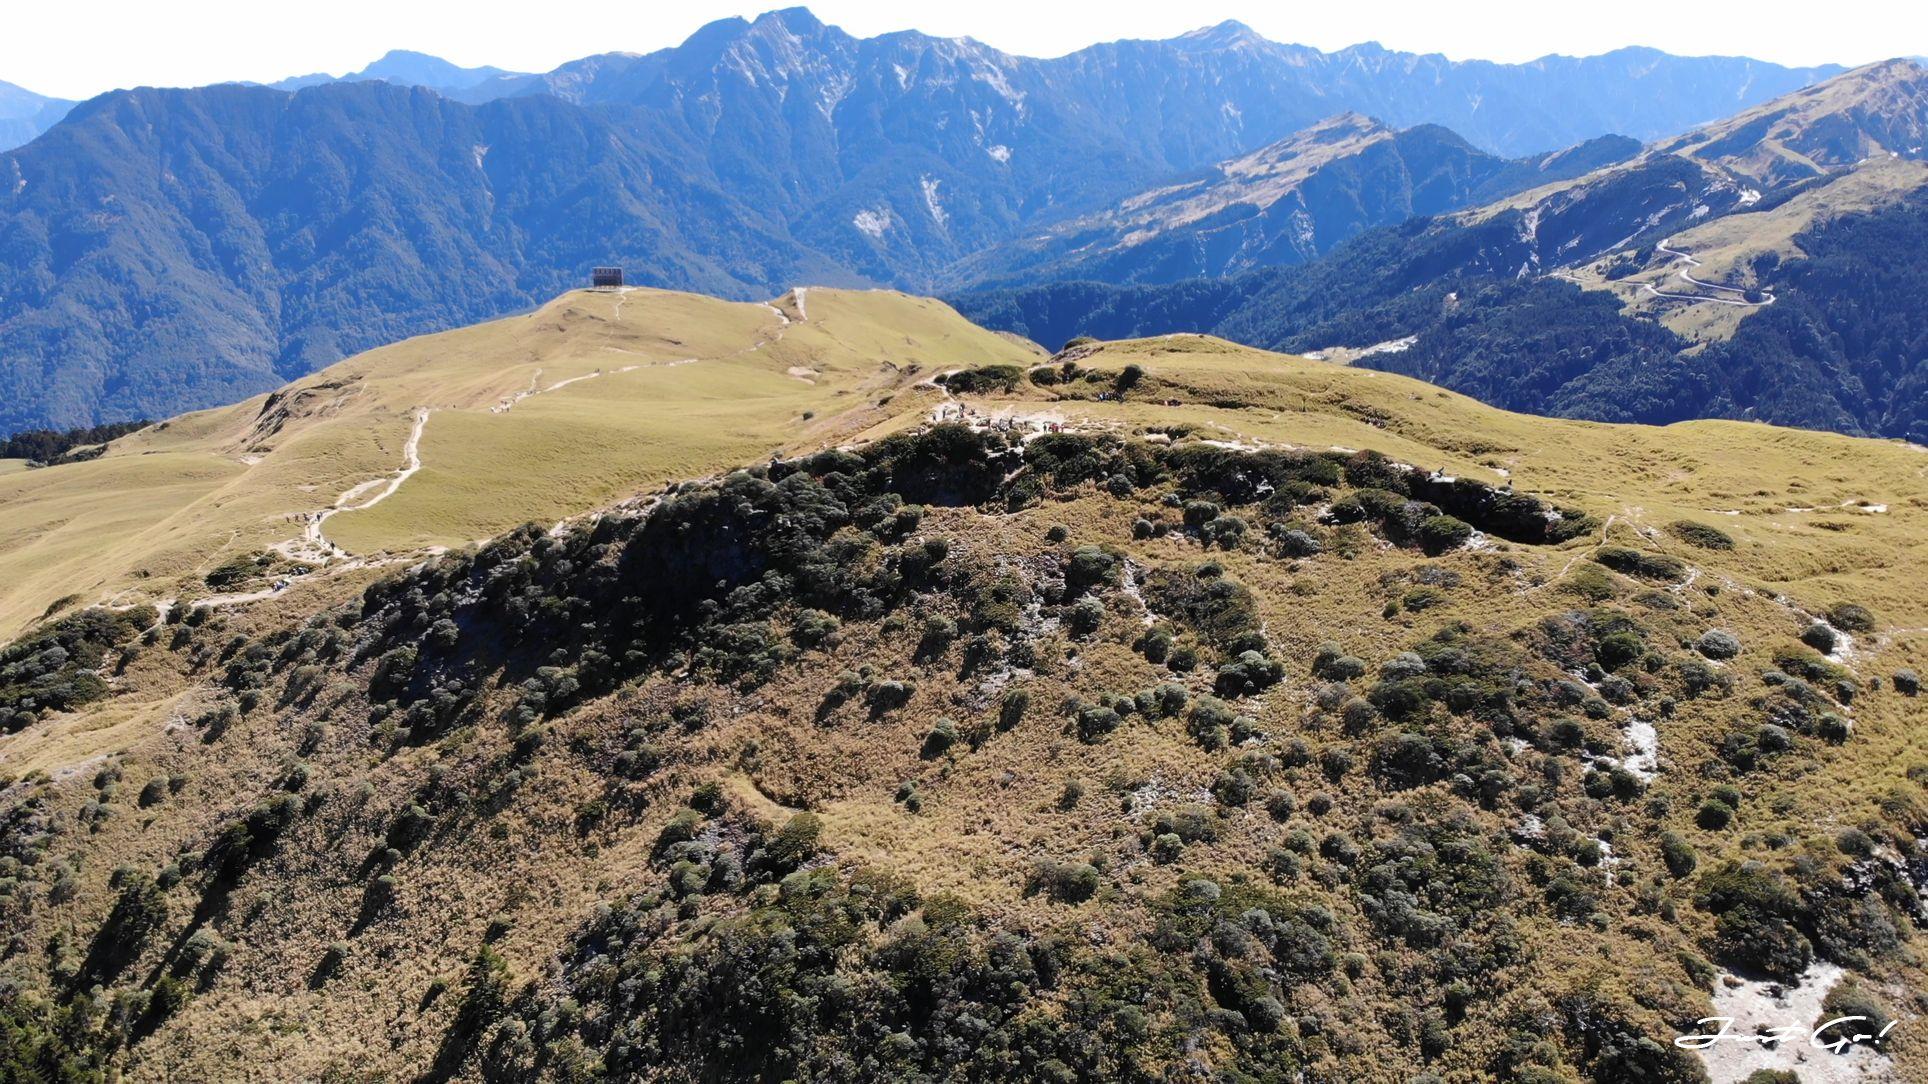 一日百岳·9小時單攻合歡西峰北峰-地圖gpx、行程規劃、申請、登山口44